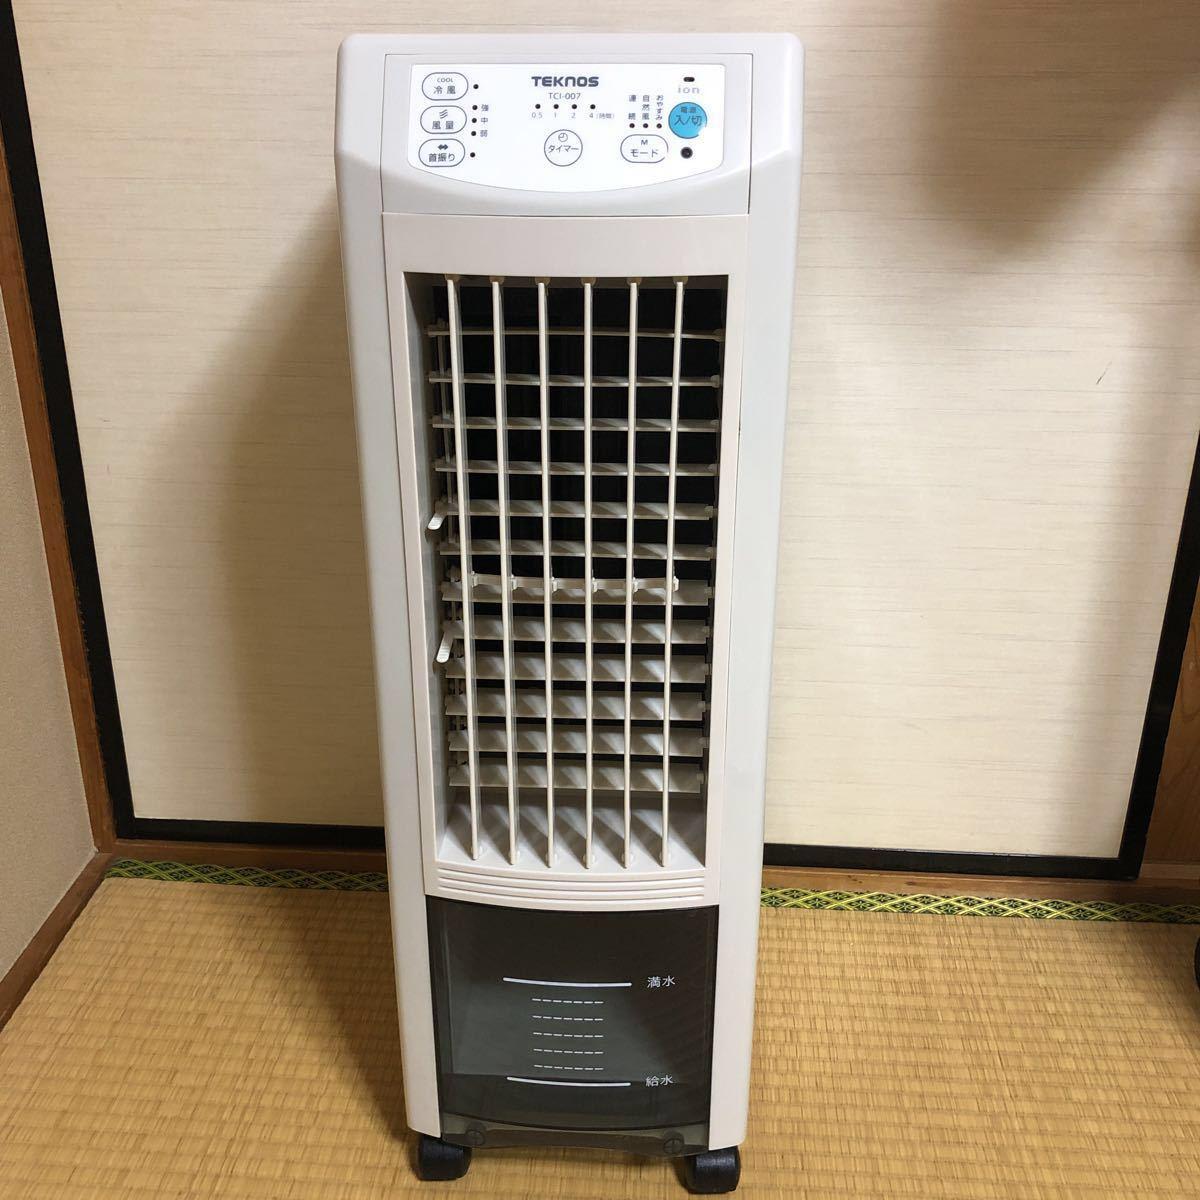 TEKNOS 冷風扇 体に優しい自然な涼風 イオン搭載 タイマー付 リモコン付 風量3段階 TCI-007